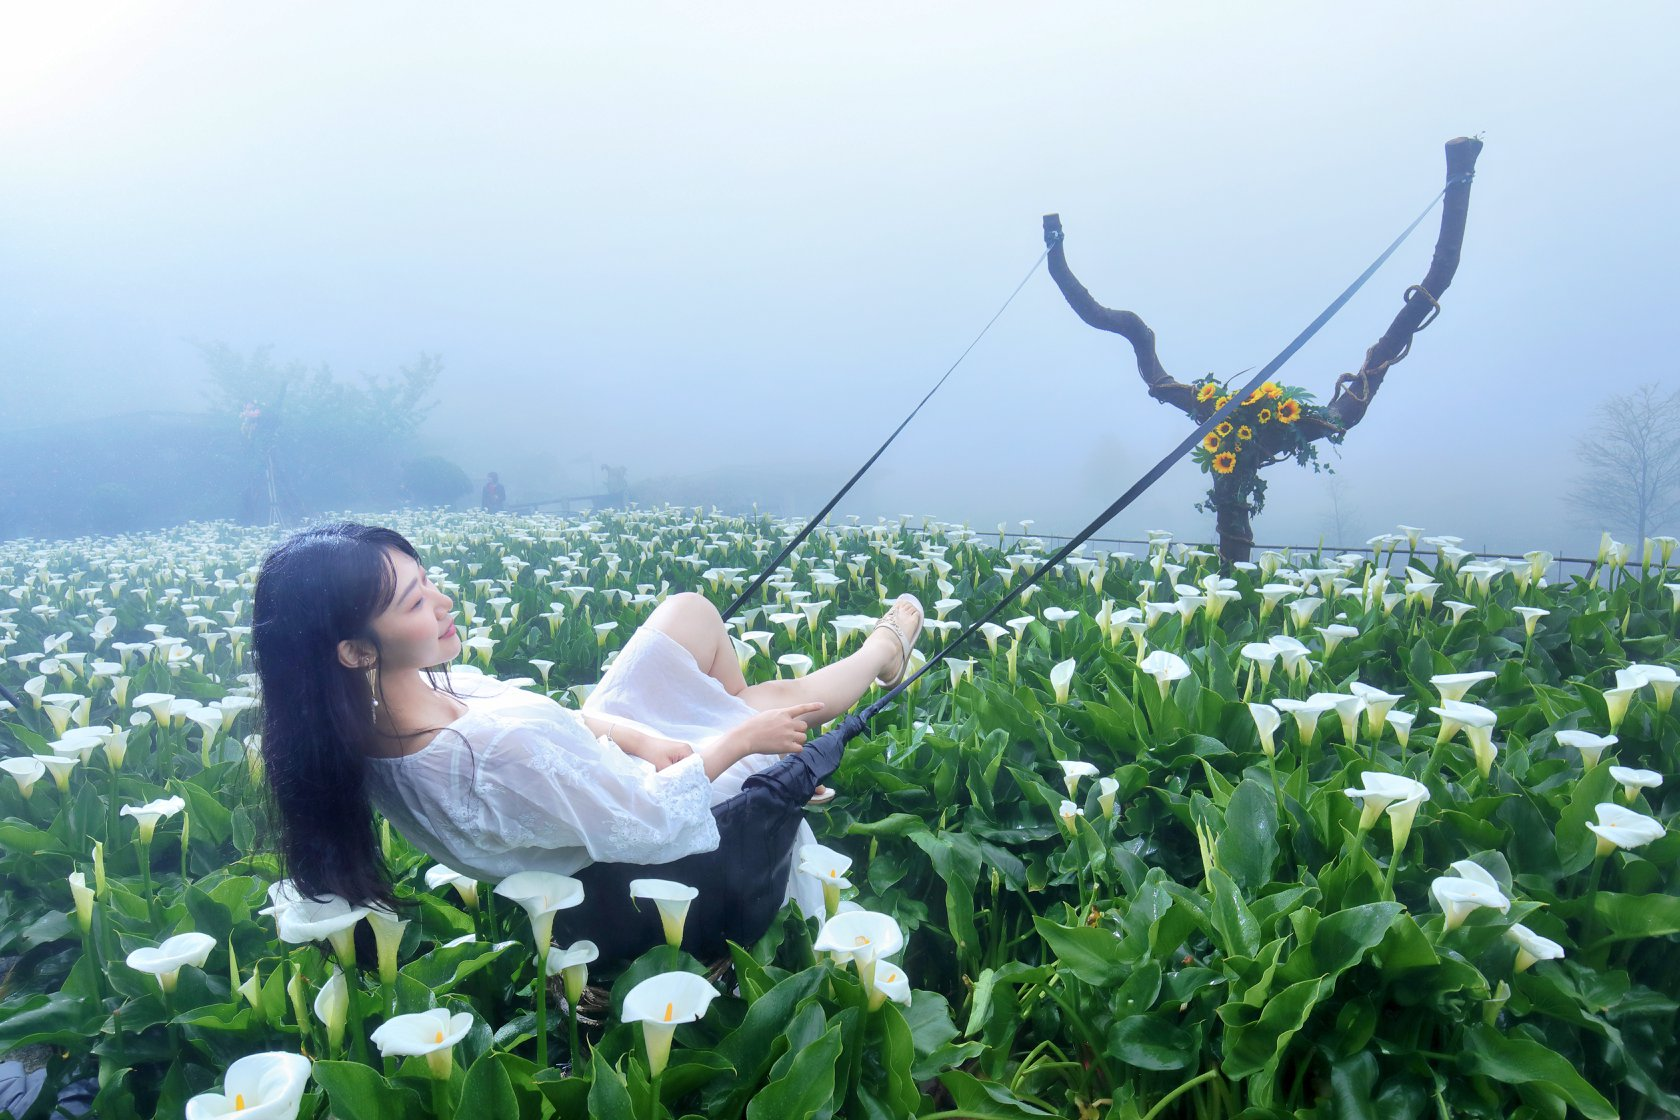 名陽匍休閒農莊的彈弓造景